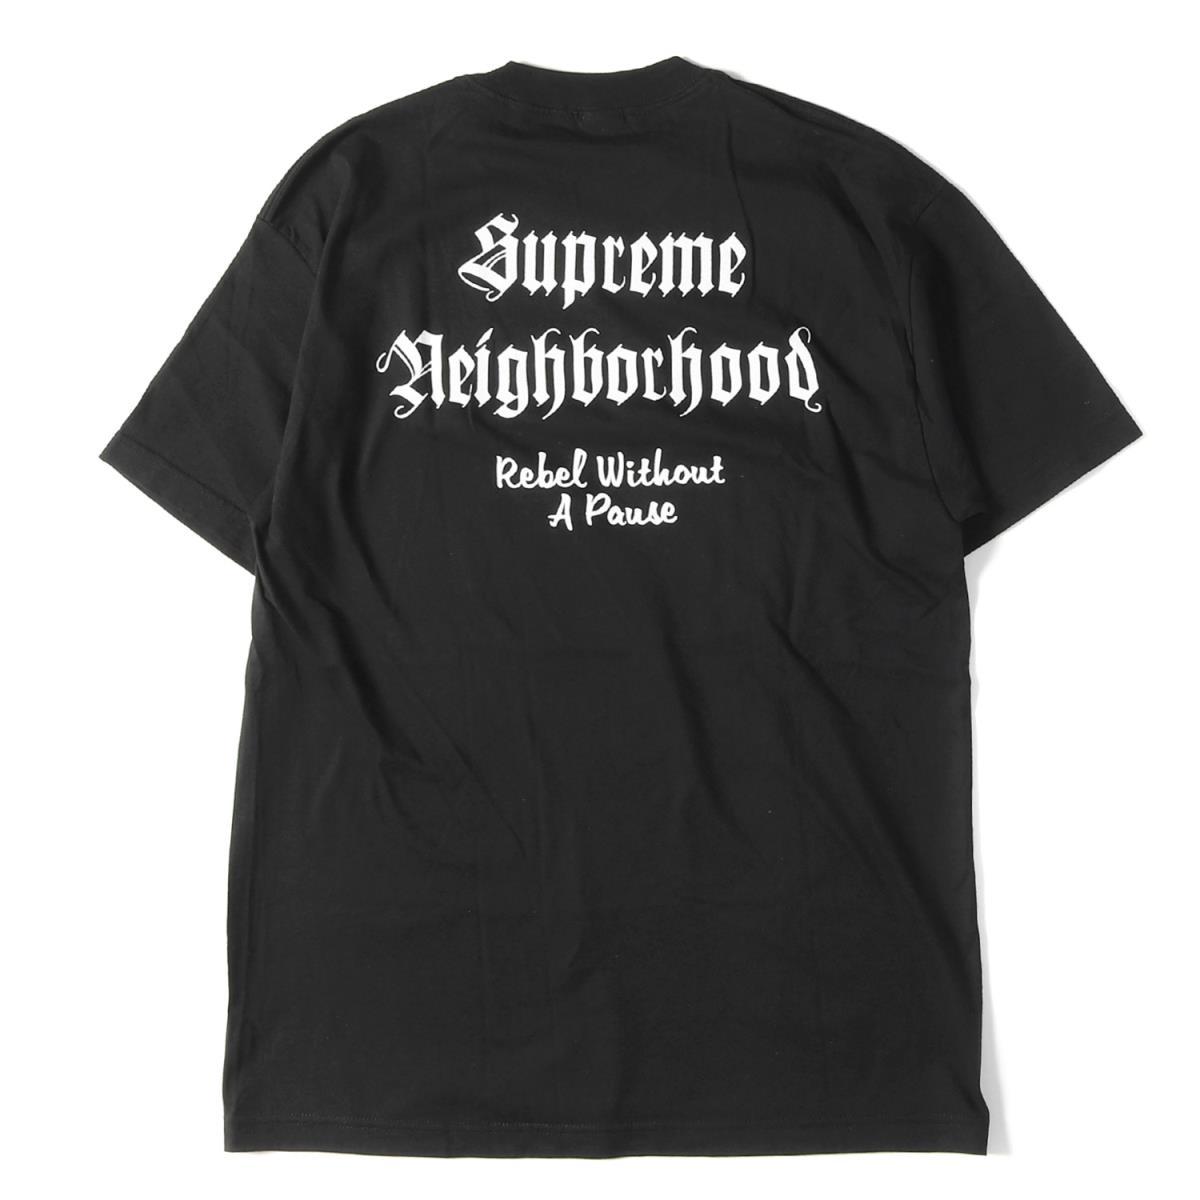 Supreme (シュプリーム) 07S/S ×NEIGHBORHOOD スカルボーンBOXロゴTシャツ(Skull Box Logo Tee) ブラック L 【メンズ】【K2258】【あす楽☆対応可】